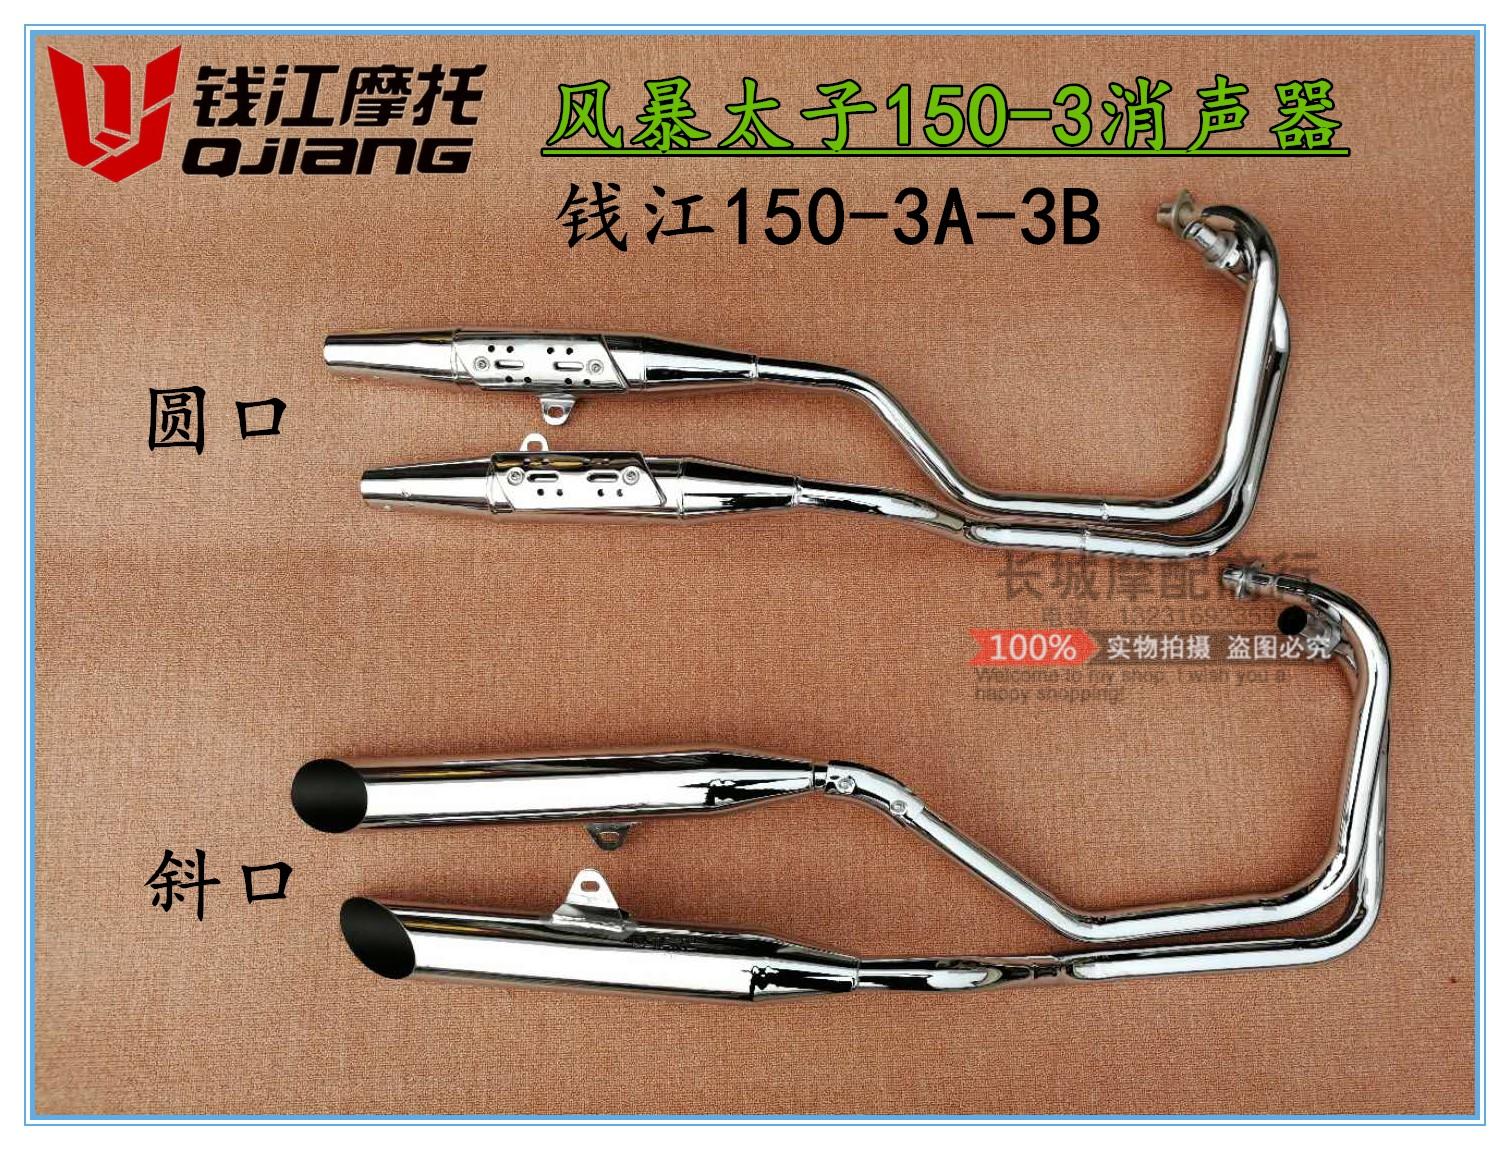 Áp dụng Qianjiang xe máy QJ150-3A-3B-18F ống xả vòng miệng bão Hoàng Tử 150 hàng tăng gấp đôi silencer